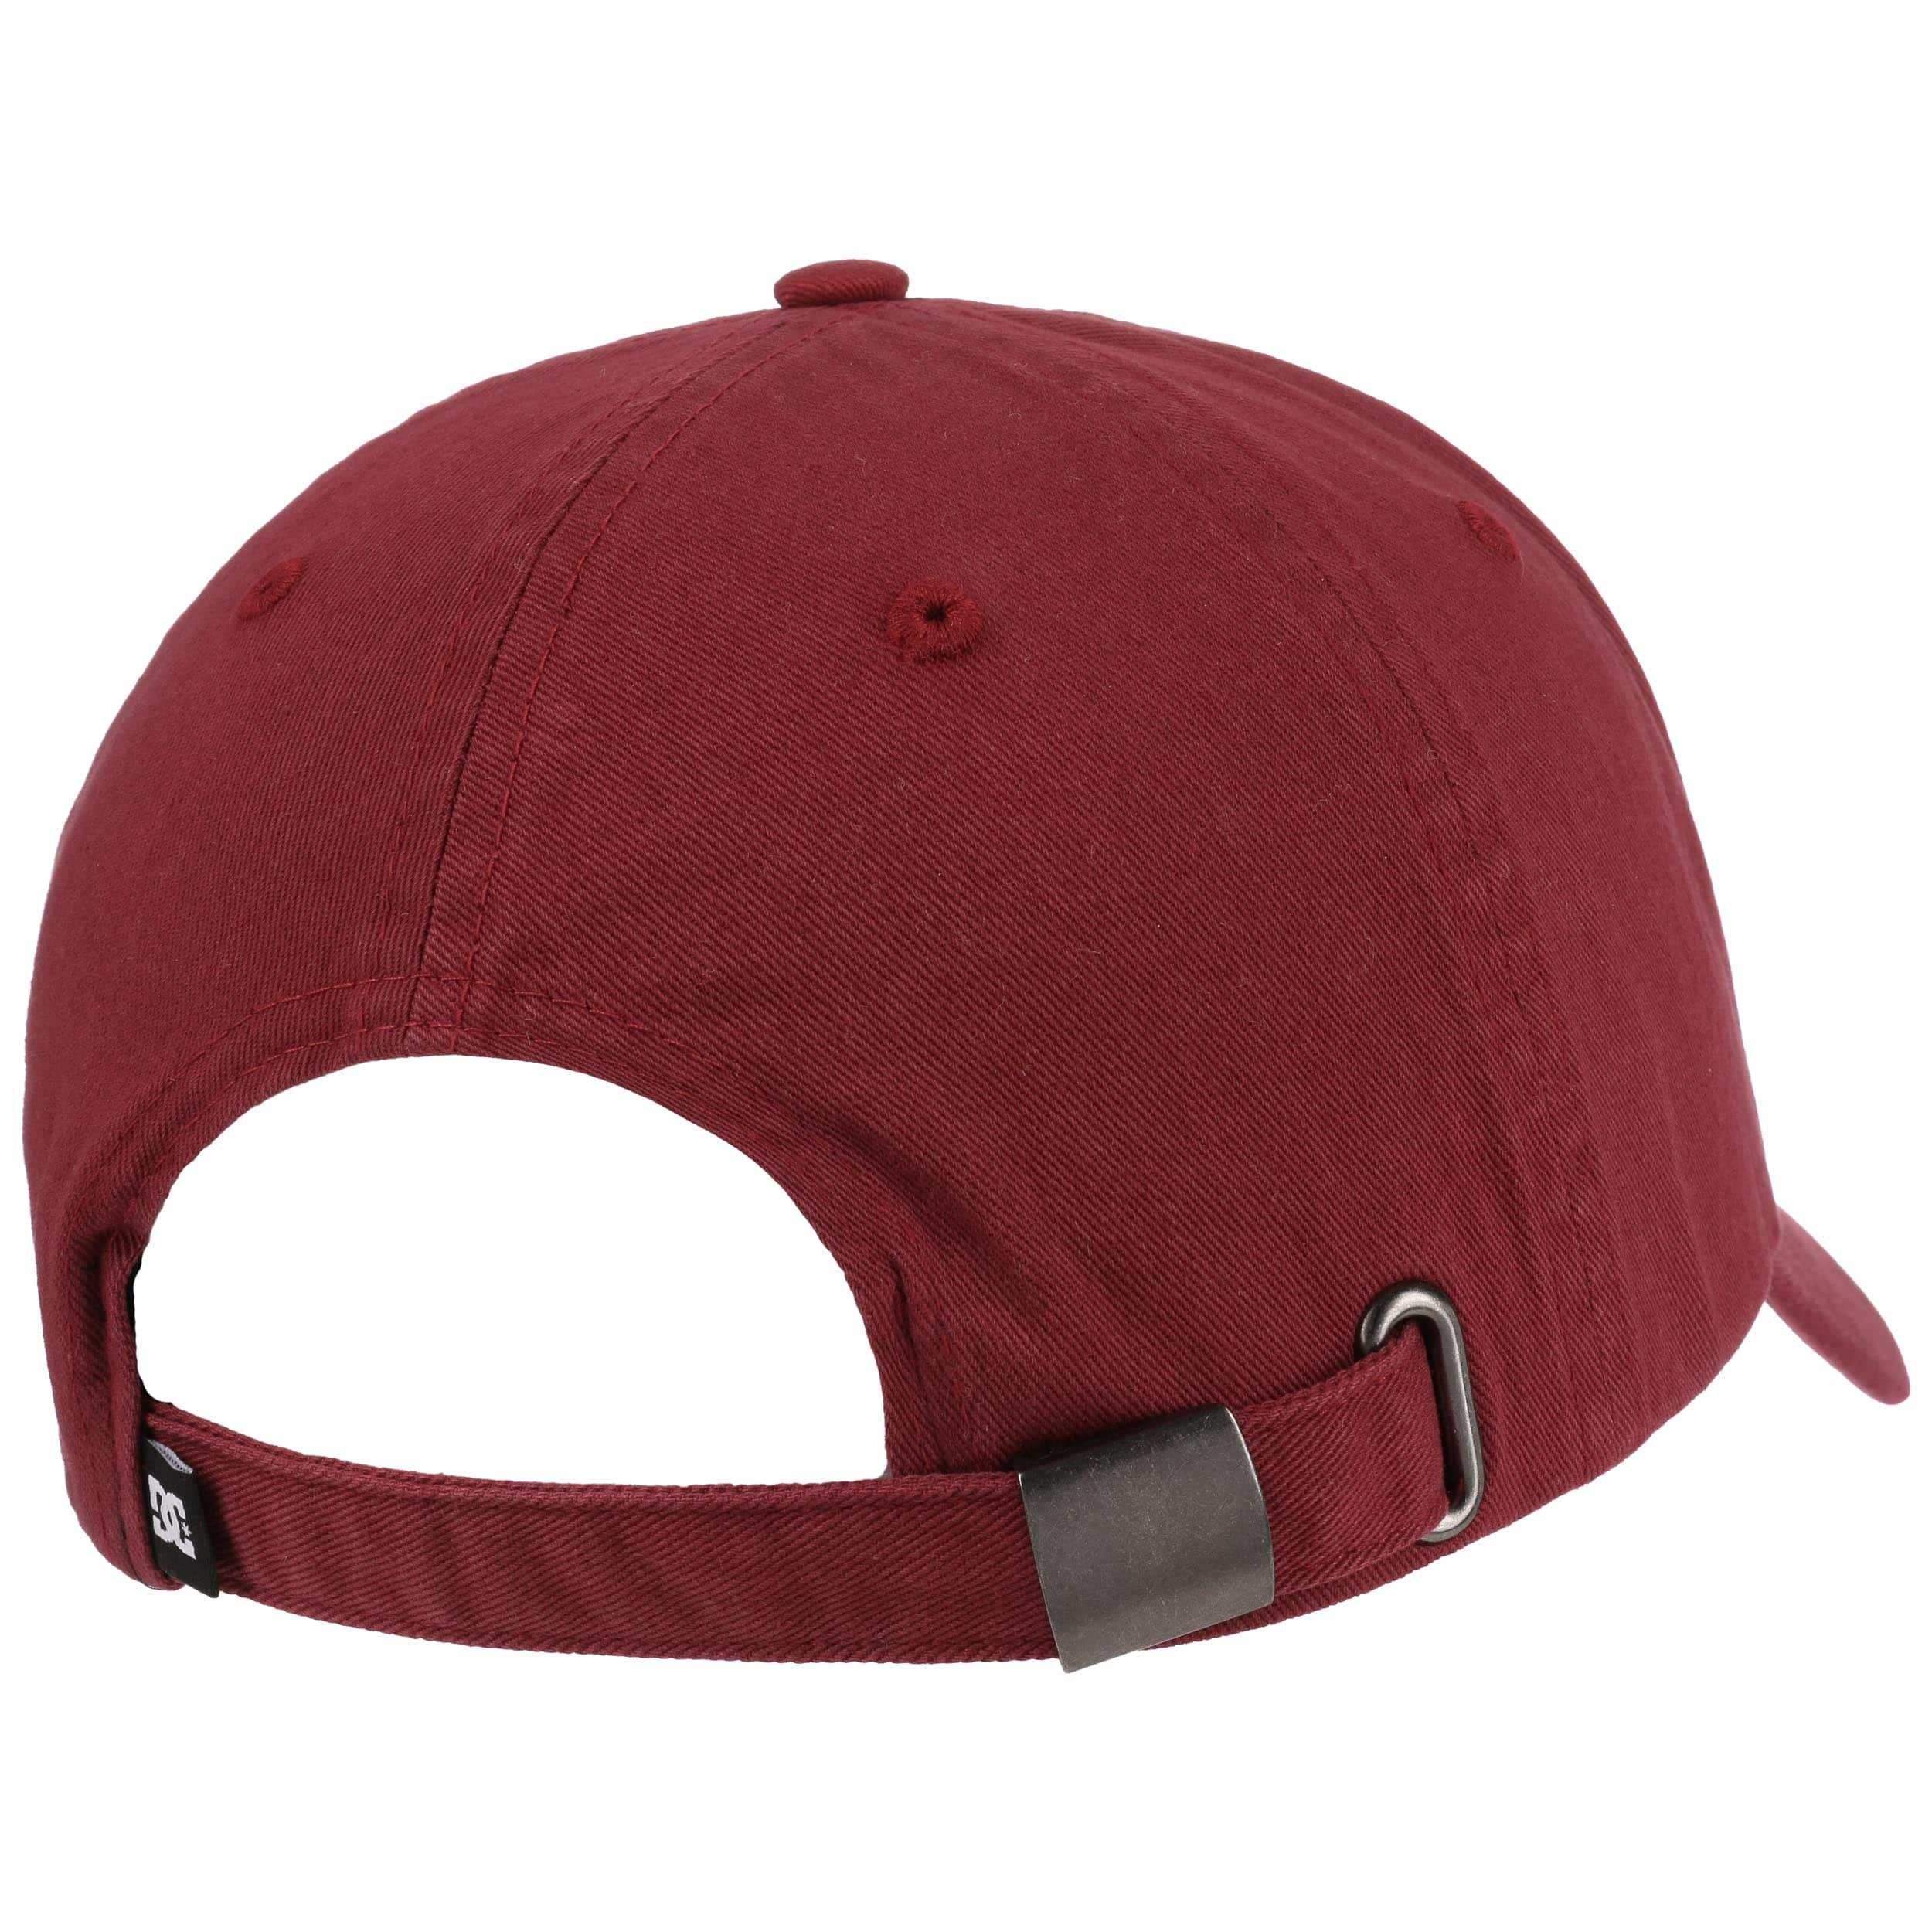 Image result for strapback cap